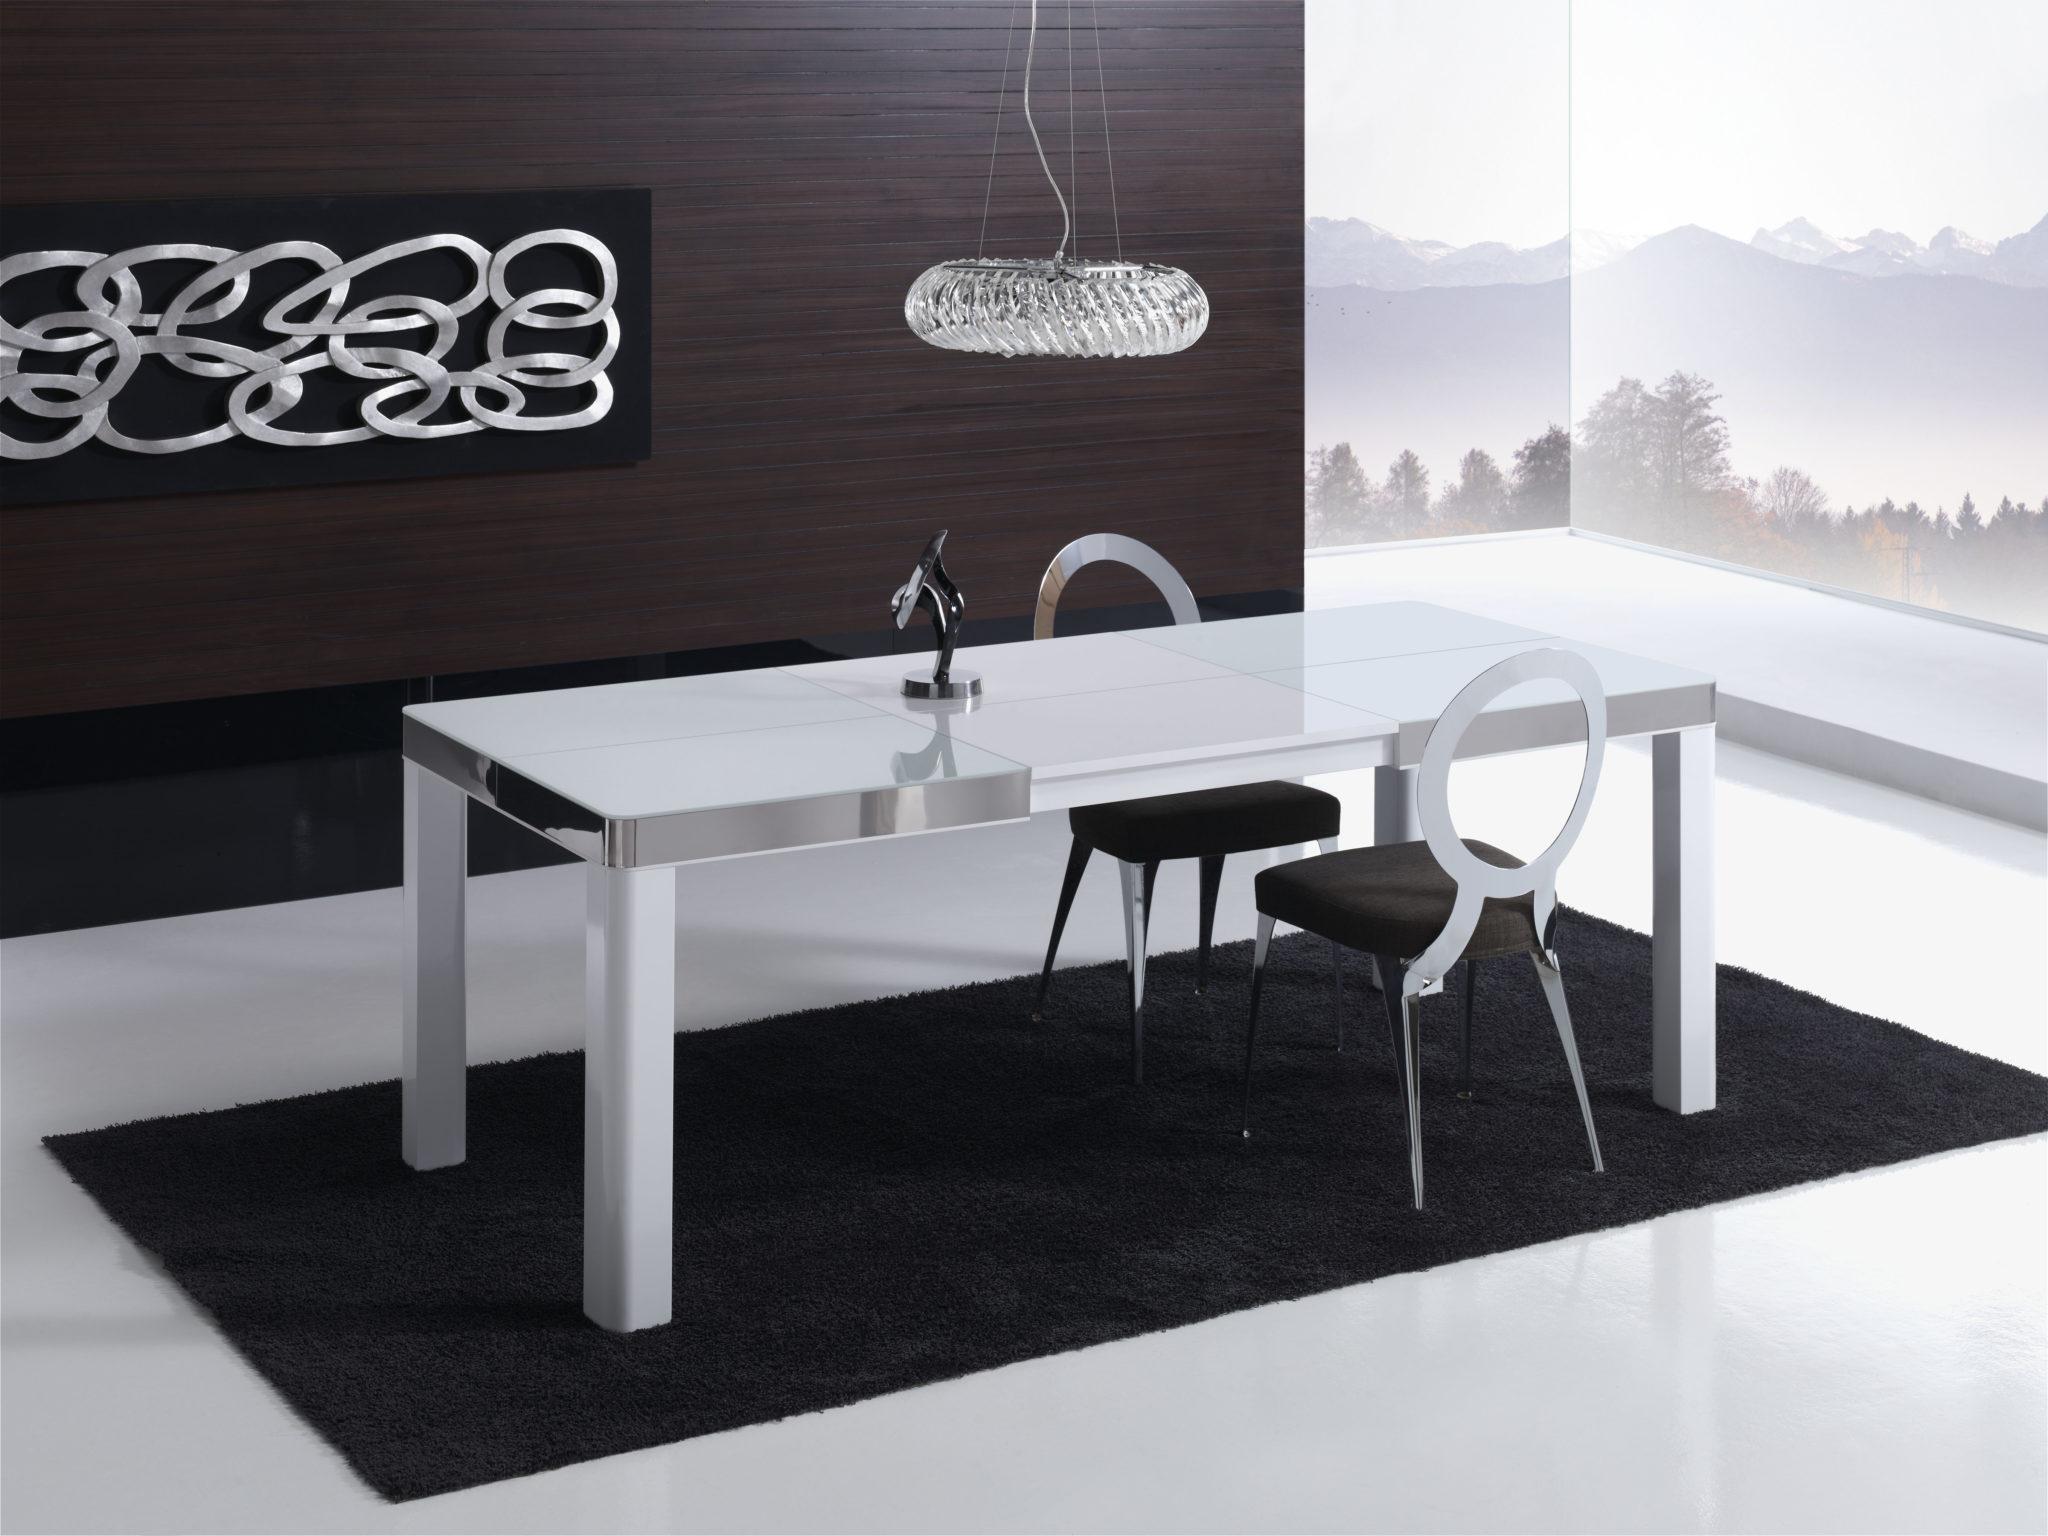 Mesa de comedor Mytable de Indesan